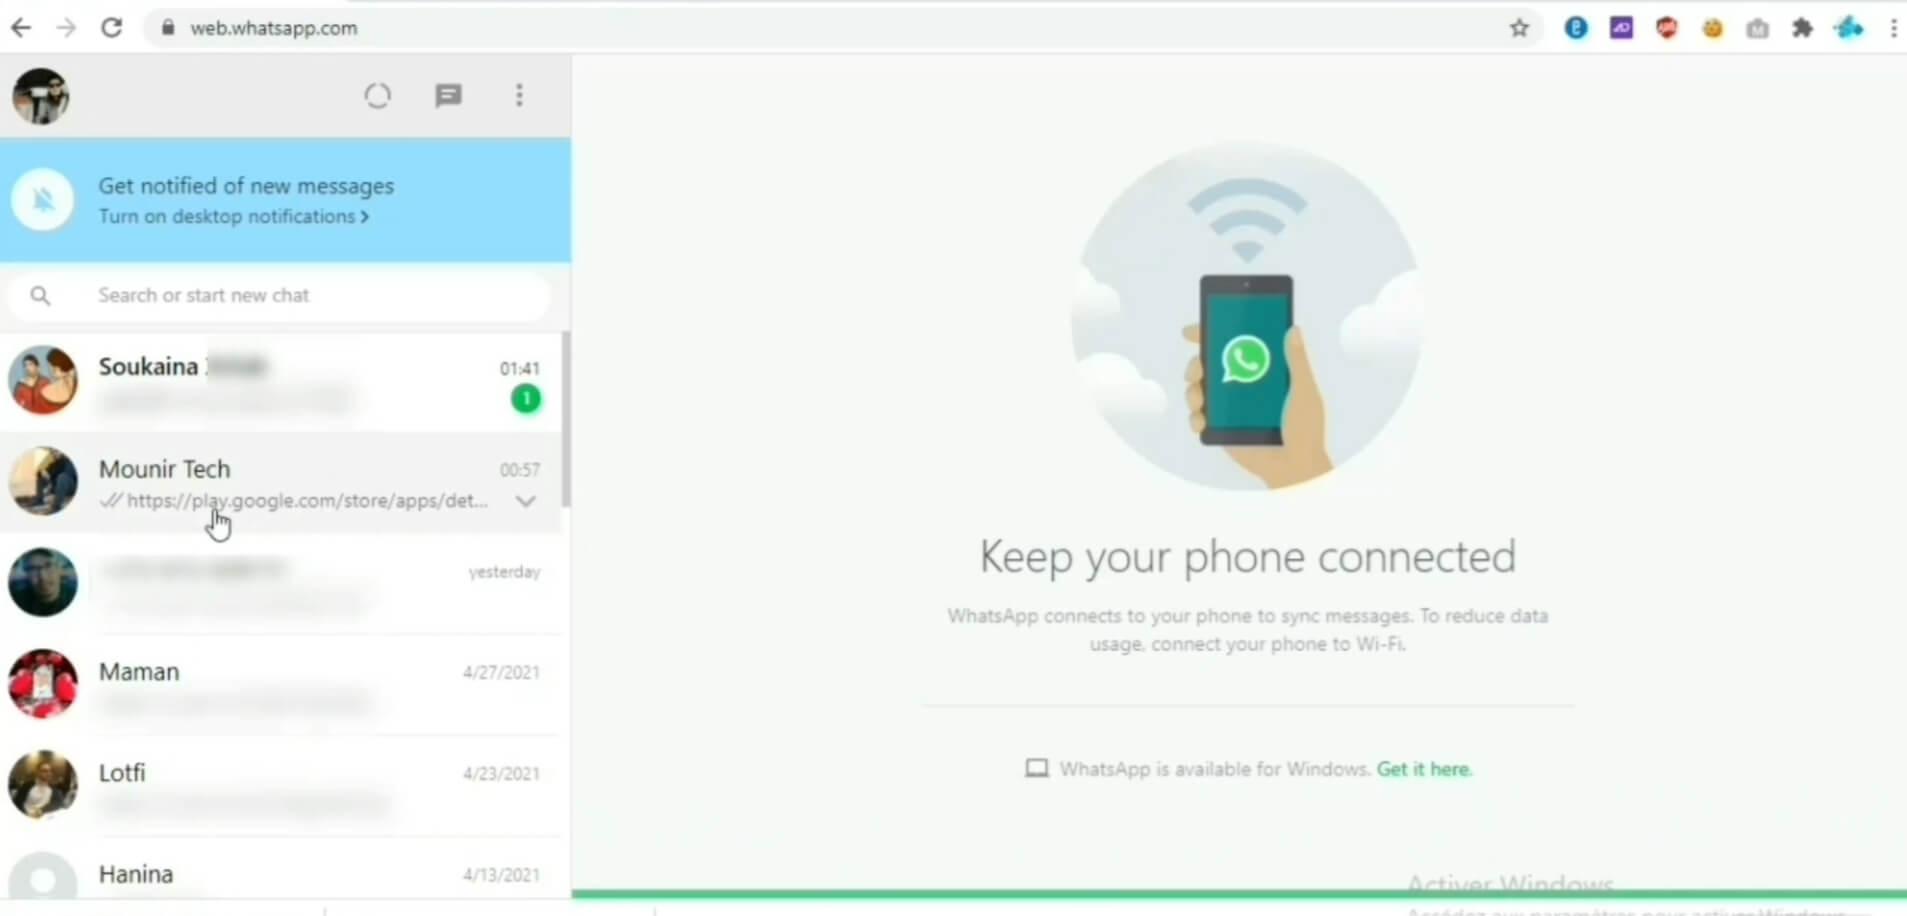 إضافة بسيطة تحمي بها رسائلك الواتساب ويب من أعين المتطفلين